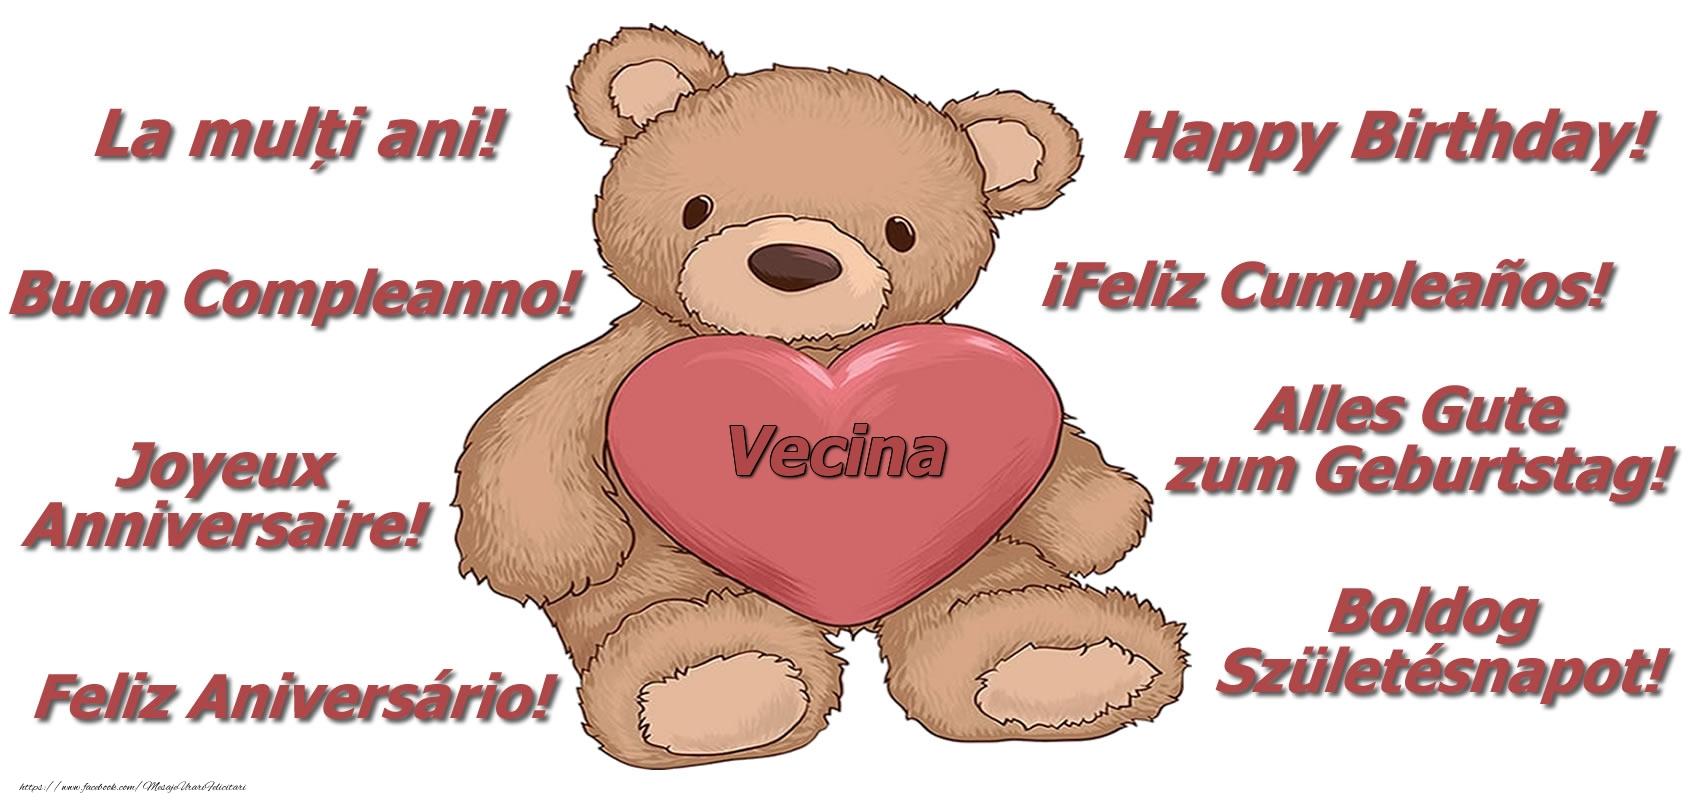 Felicitari de zi de nastere pentru Vecina - La multi ani vecina! - Ursulet